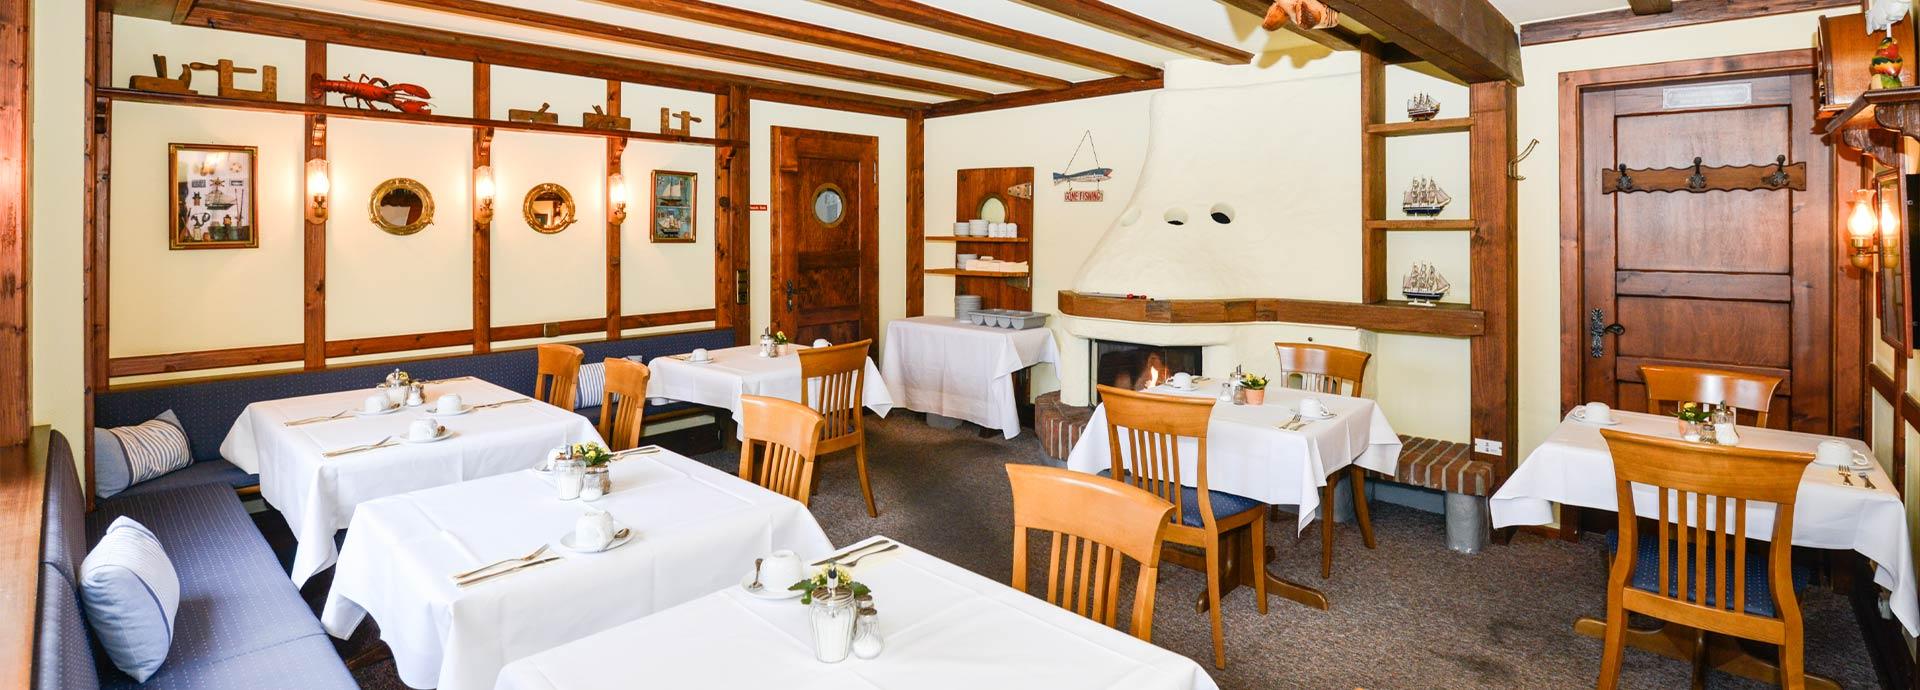 Frühstück im Kellhof Hotel-Garni | Günstige Unterkunft am Bodensee